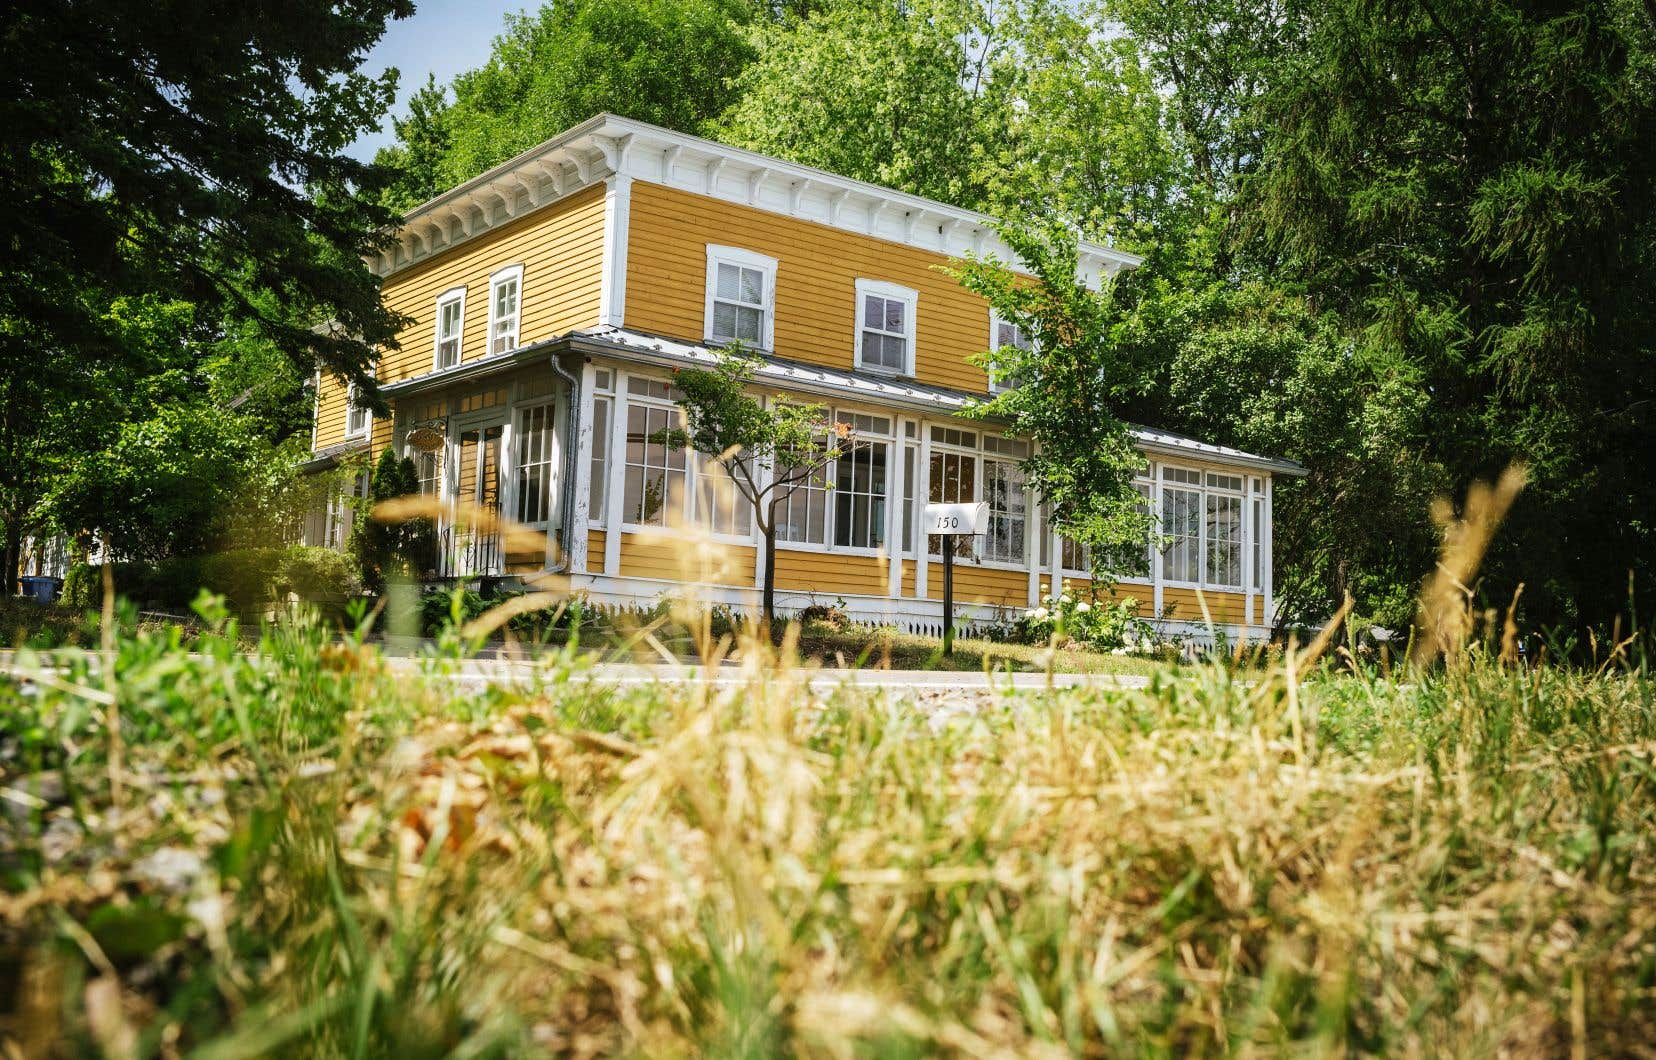 La maison familiale du chanoine Lionel Groulx jouit d'une protection en vertu de la Loi sur le patrimoine culturel. Pourtant, cela n'empêche pas l'administration municipale de scinder la propriété en trois lots distincts.